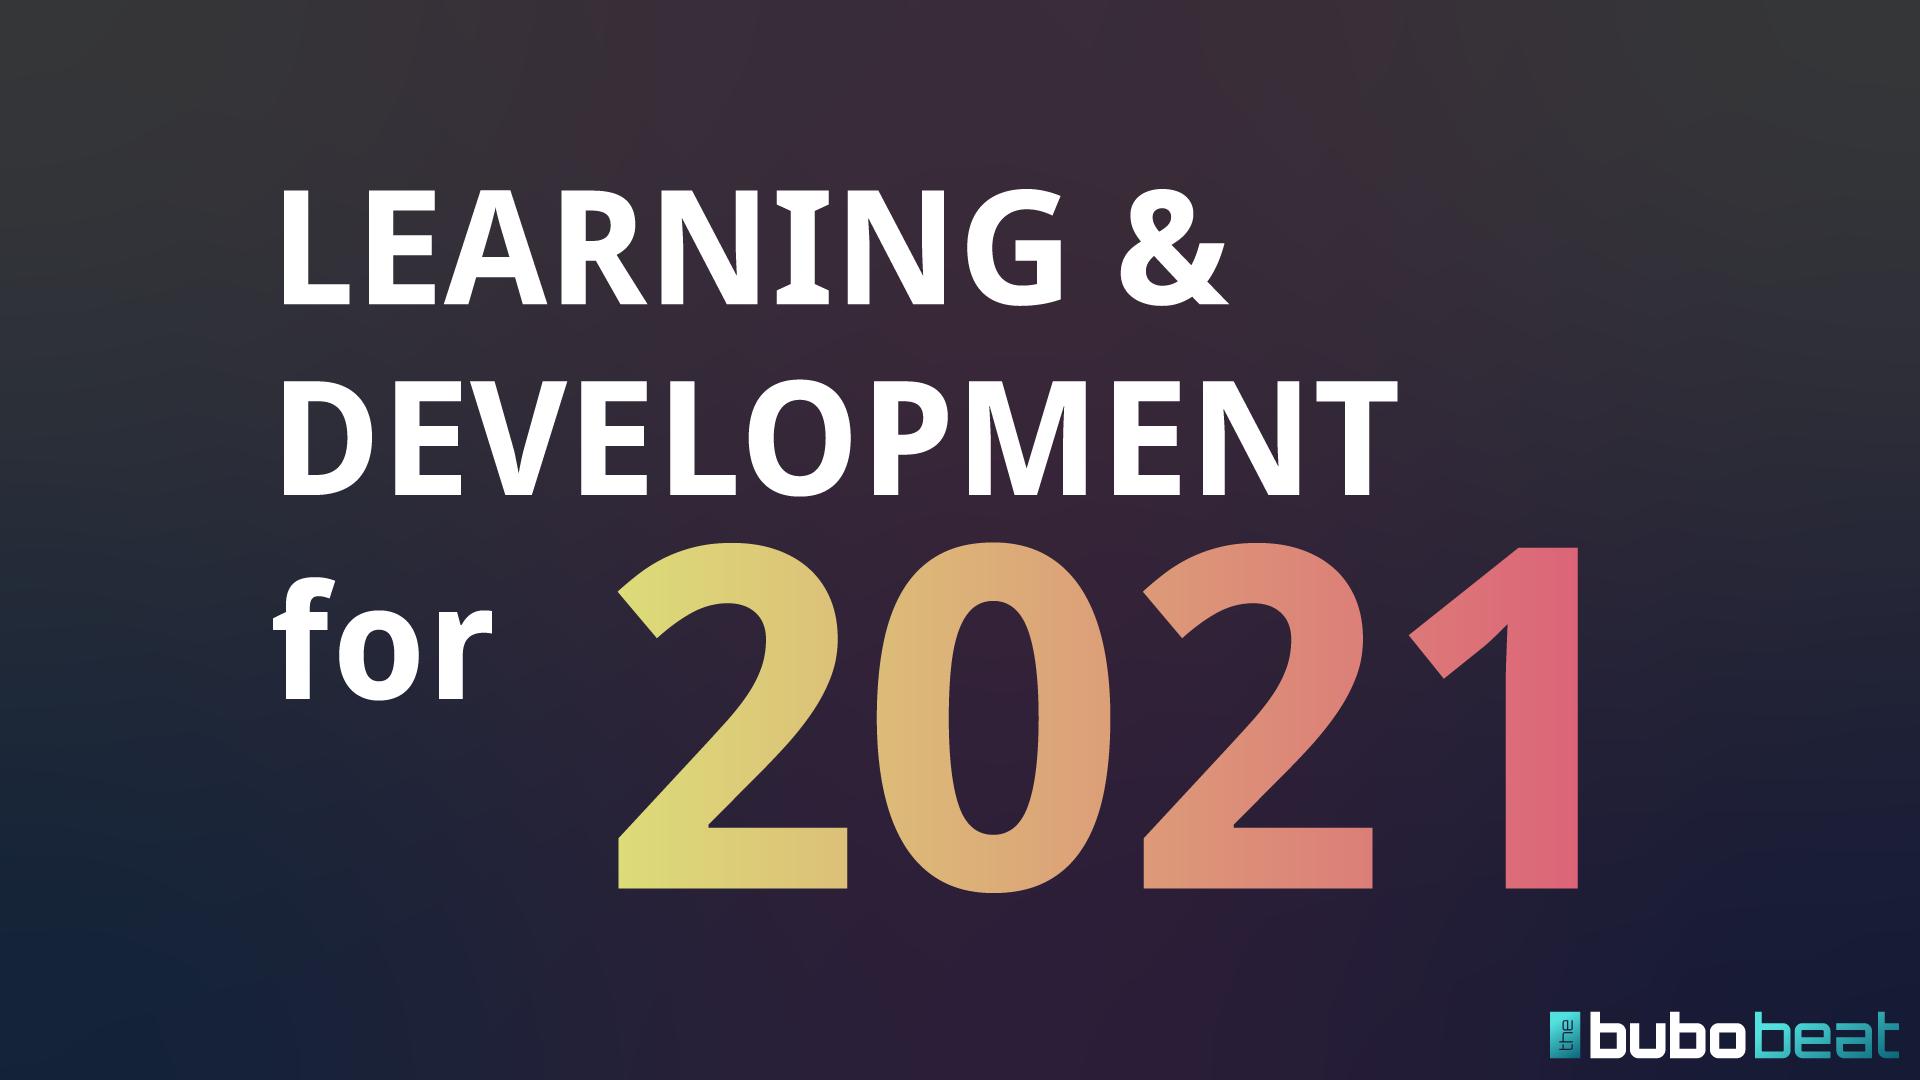 Learning & development for 2021